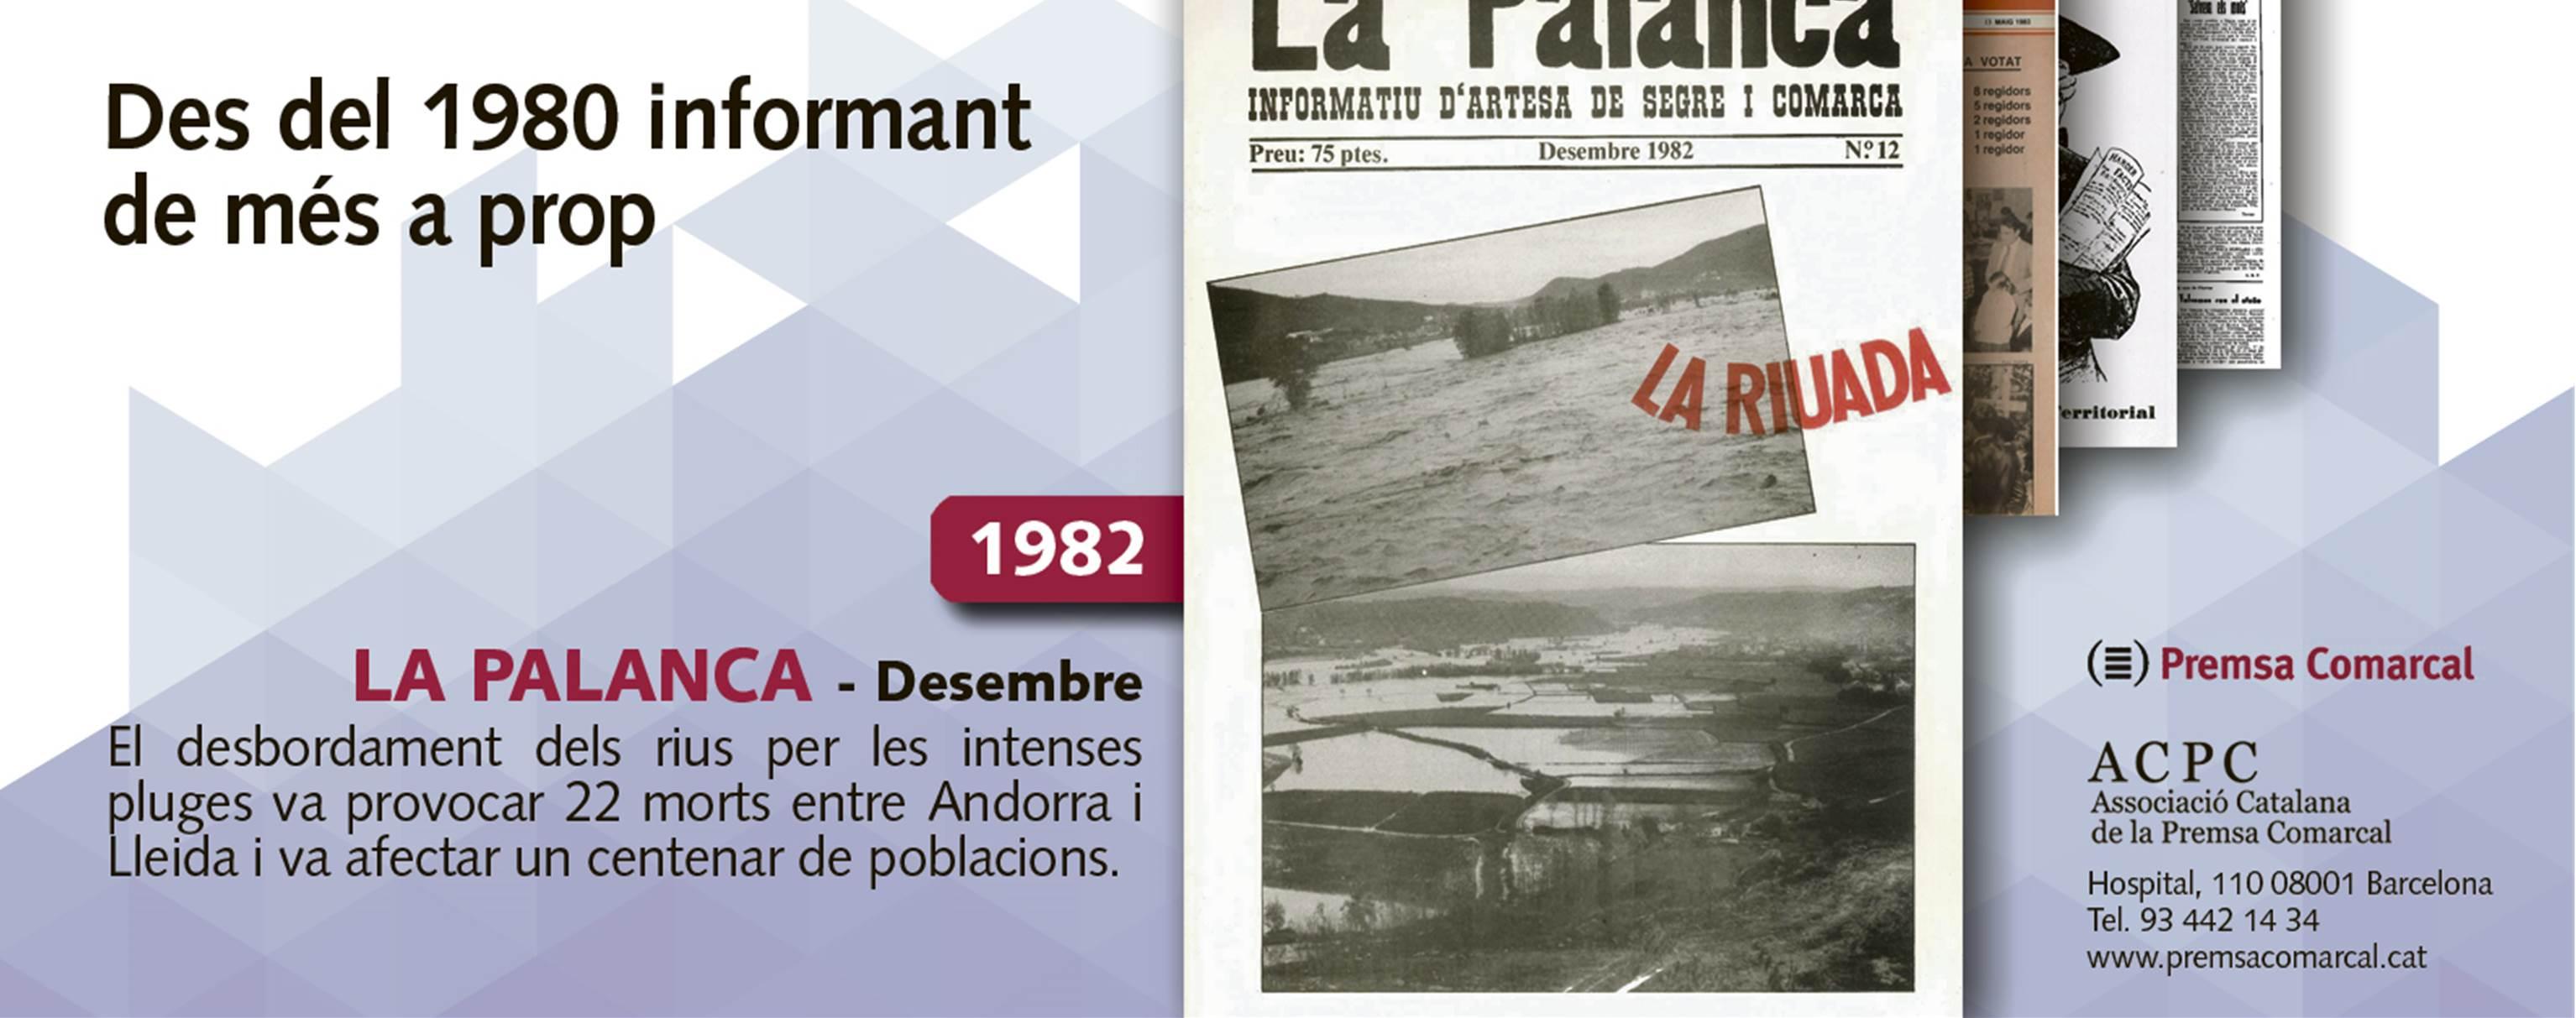 La riuada del 82 a 'La Palanca', tercera portada de la campanya dels 35 anys de l'ACPC